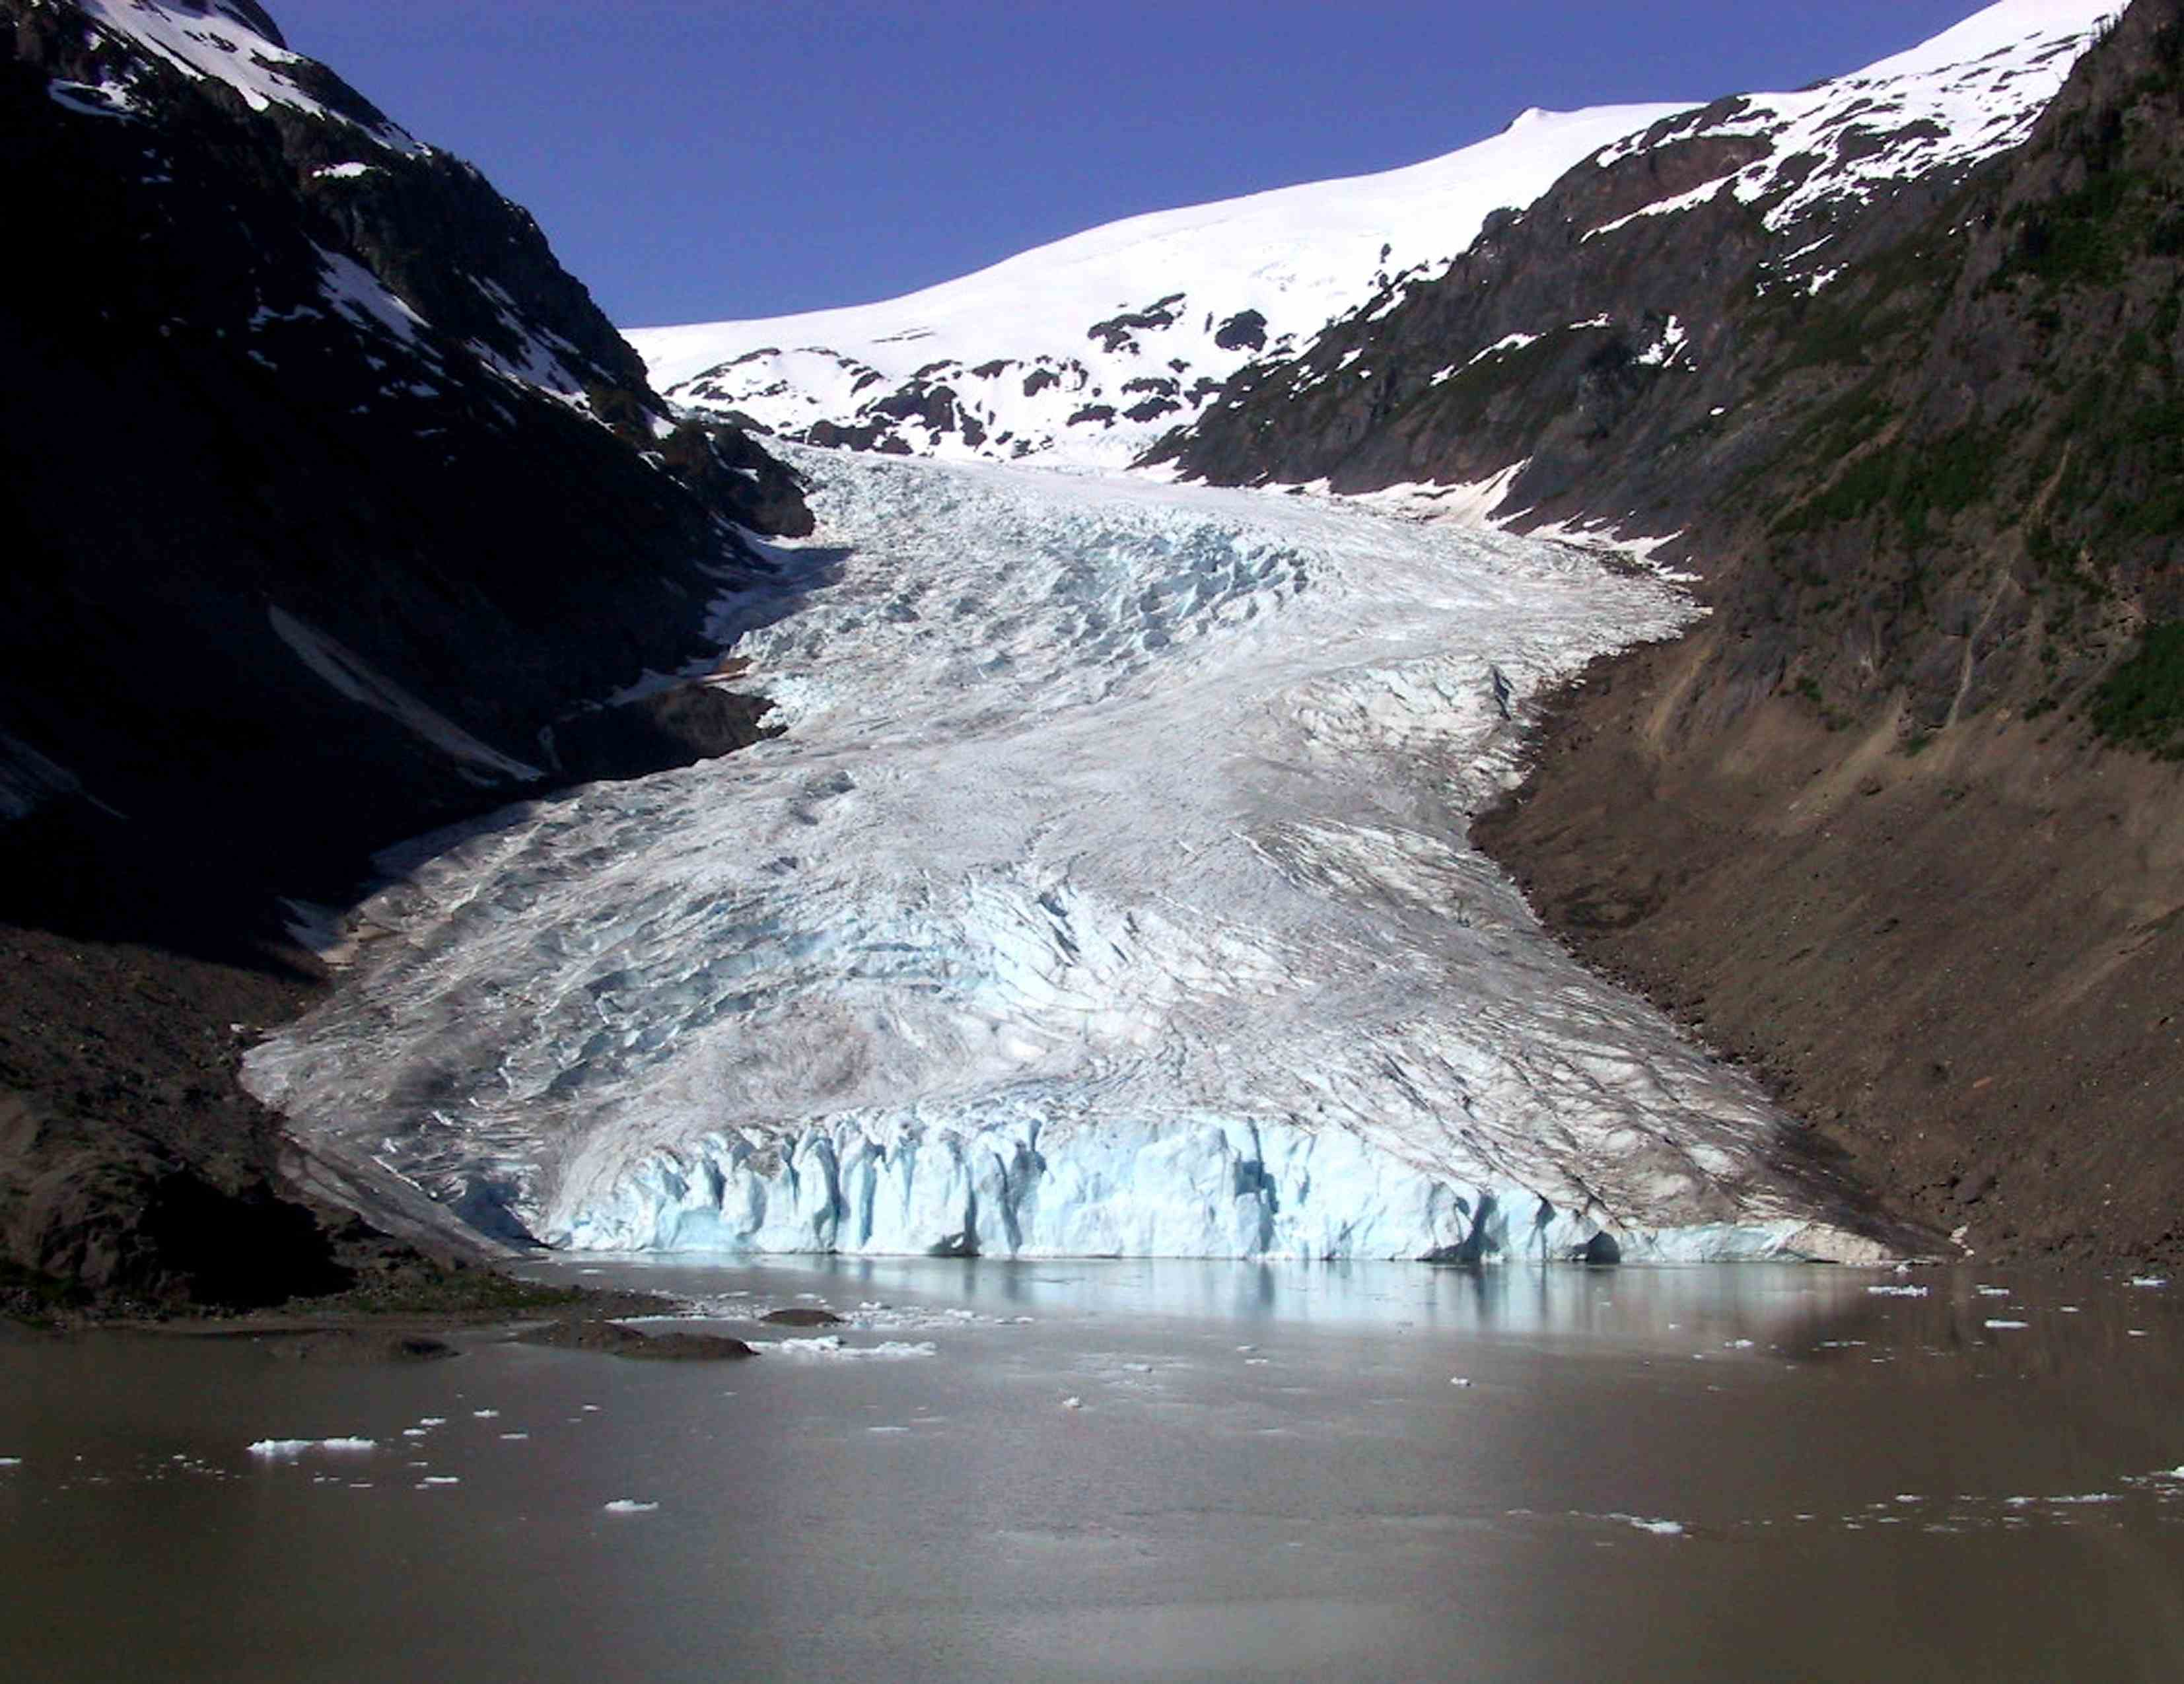 HQ Glacier Wallpapers | File 362.87Kb